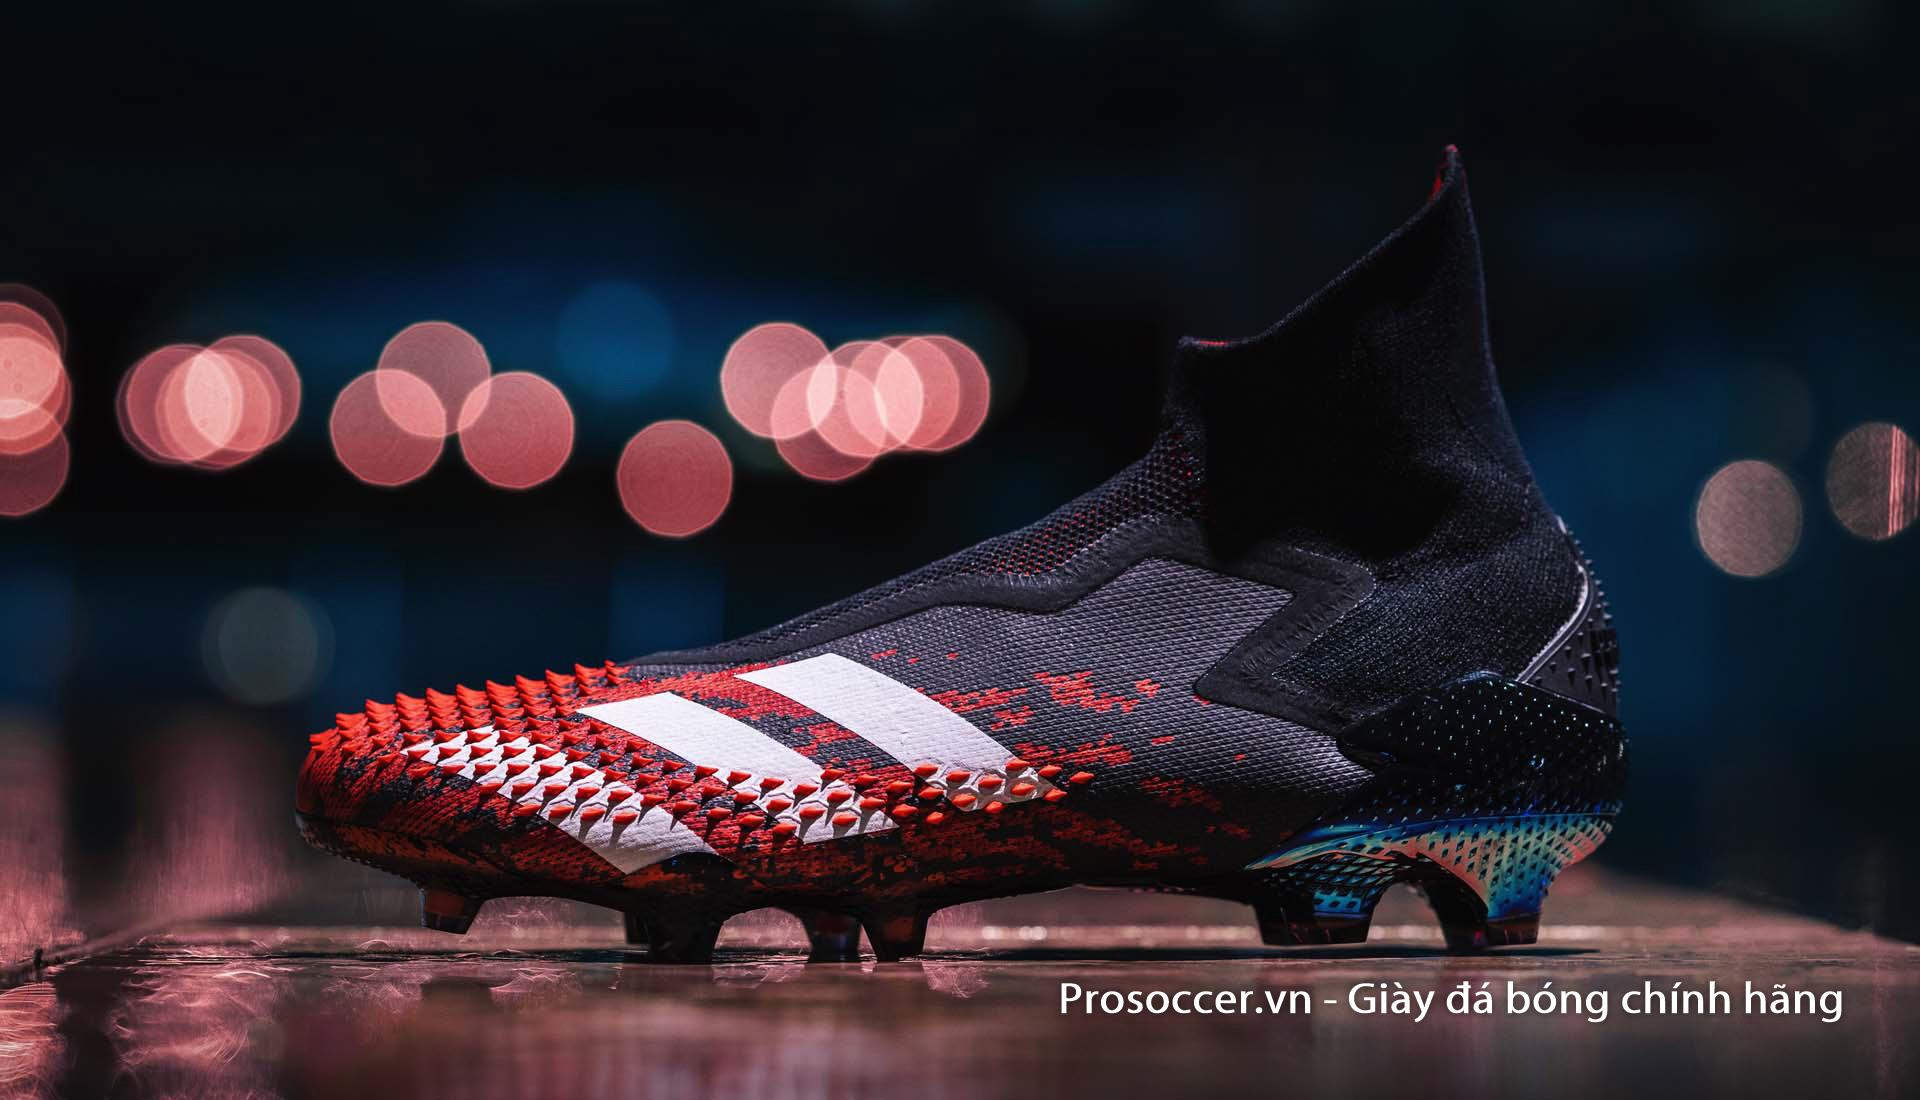 Năm 2020 đánh dấu sự thay đổi lớn về thiết kế và chất liệu của Adidas Predator 20+ không dây